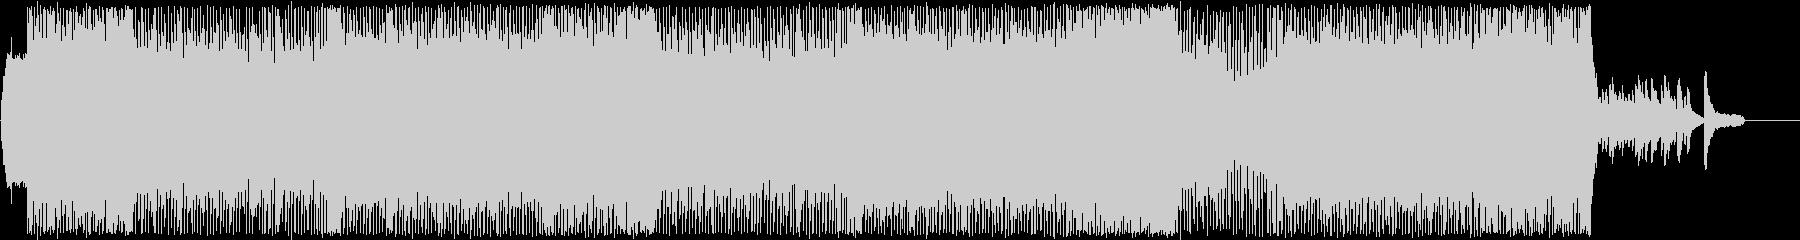 POP/EDM/Piano/ロックギターの未再生の波形